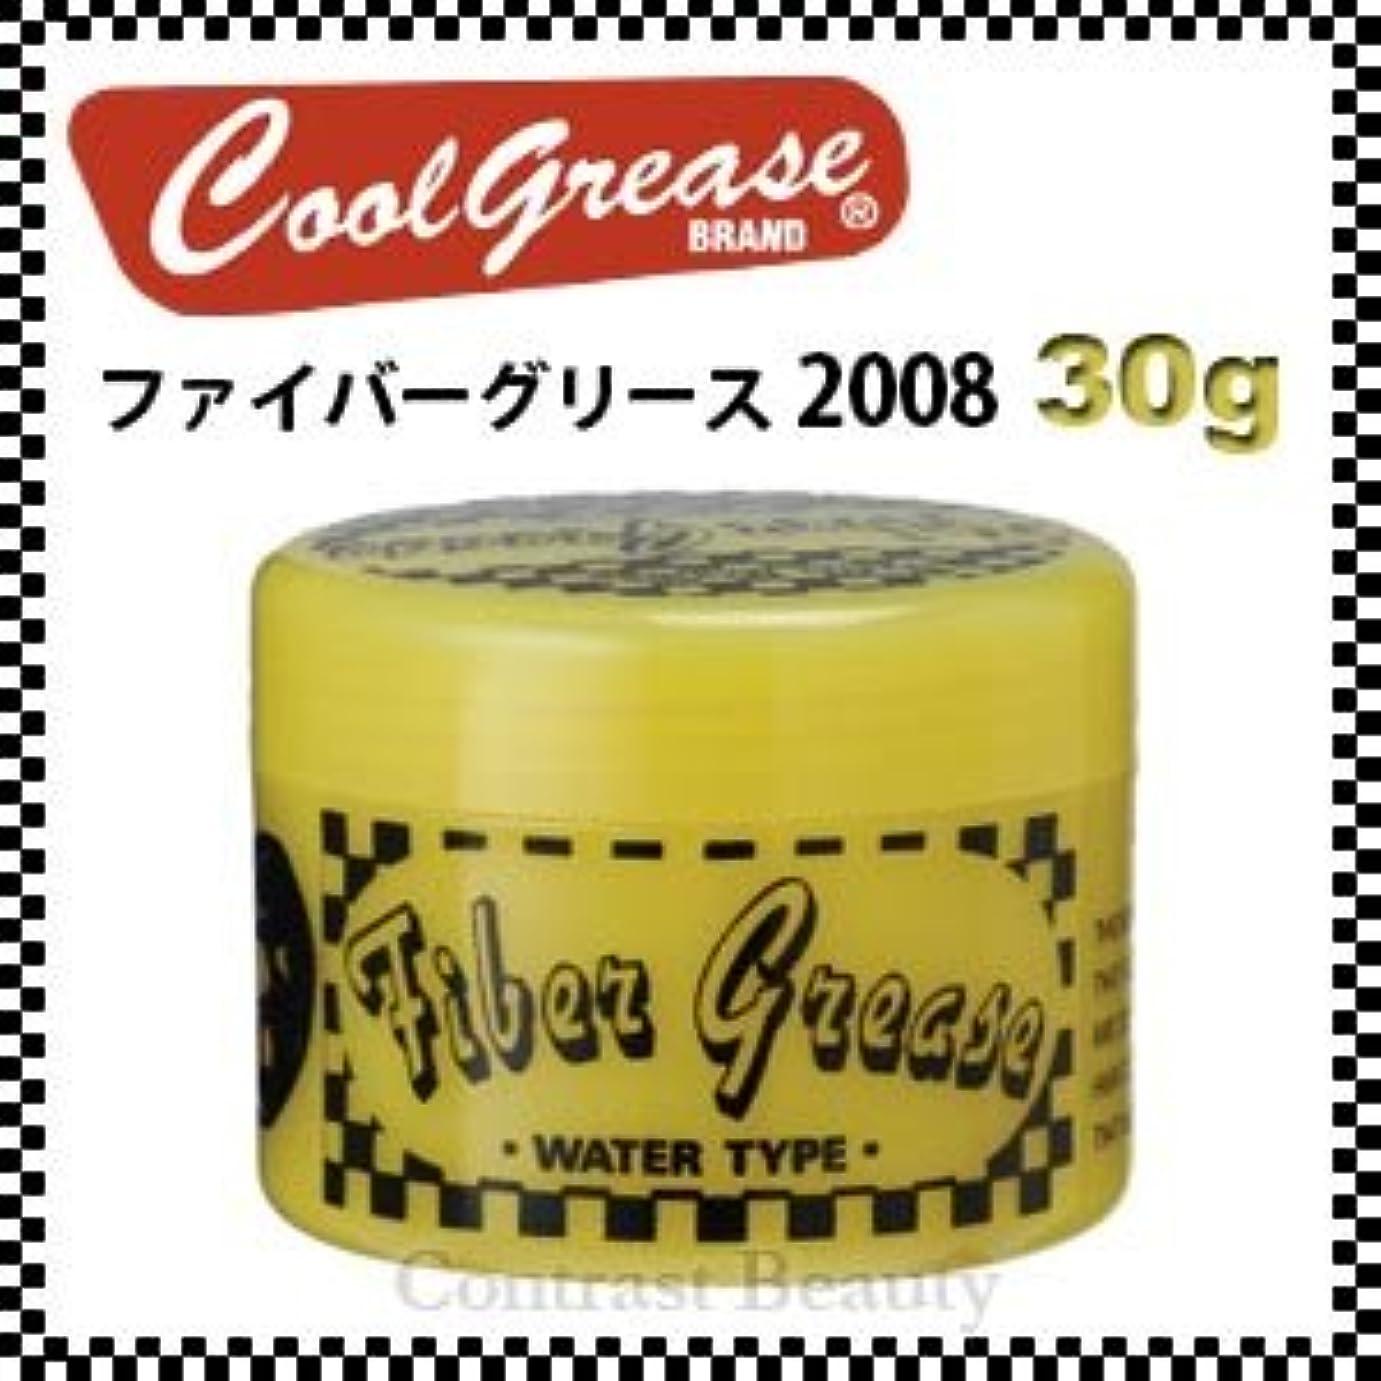 アレンジあごひげ魔術阪本高生堂 ファイバーグリース 2008 30g